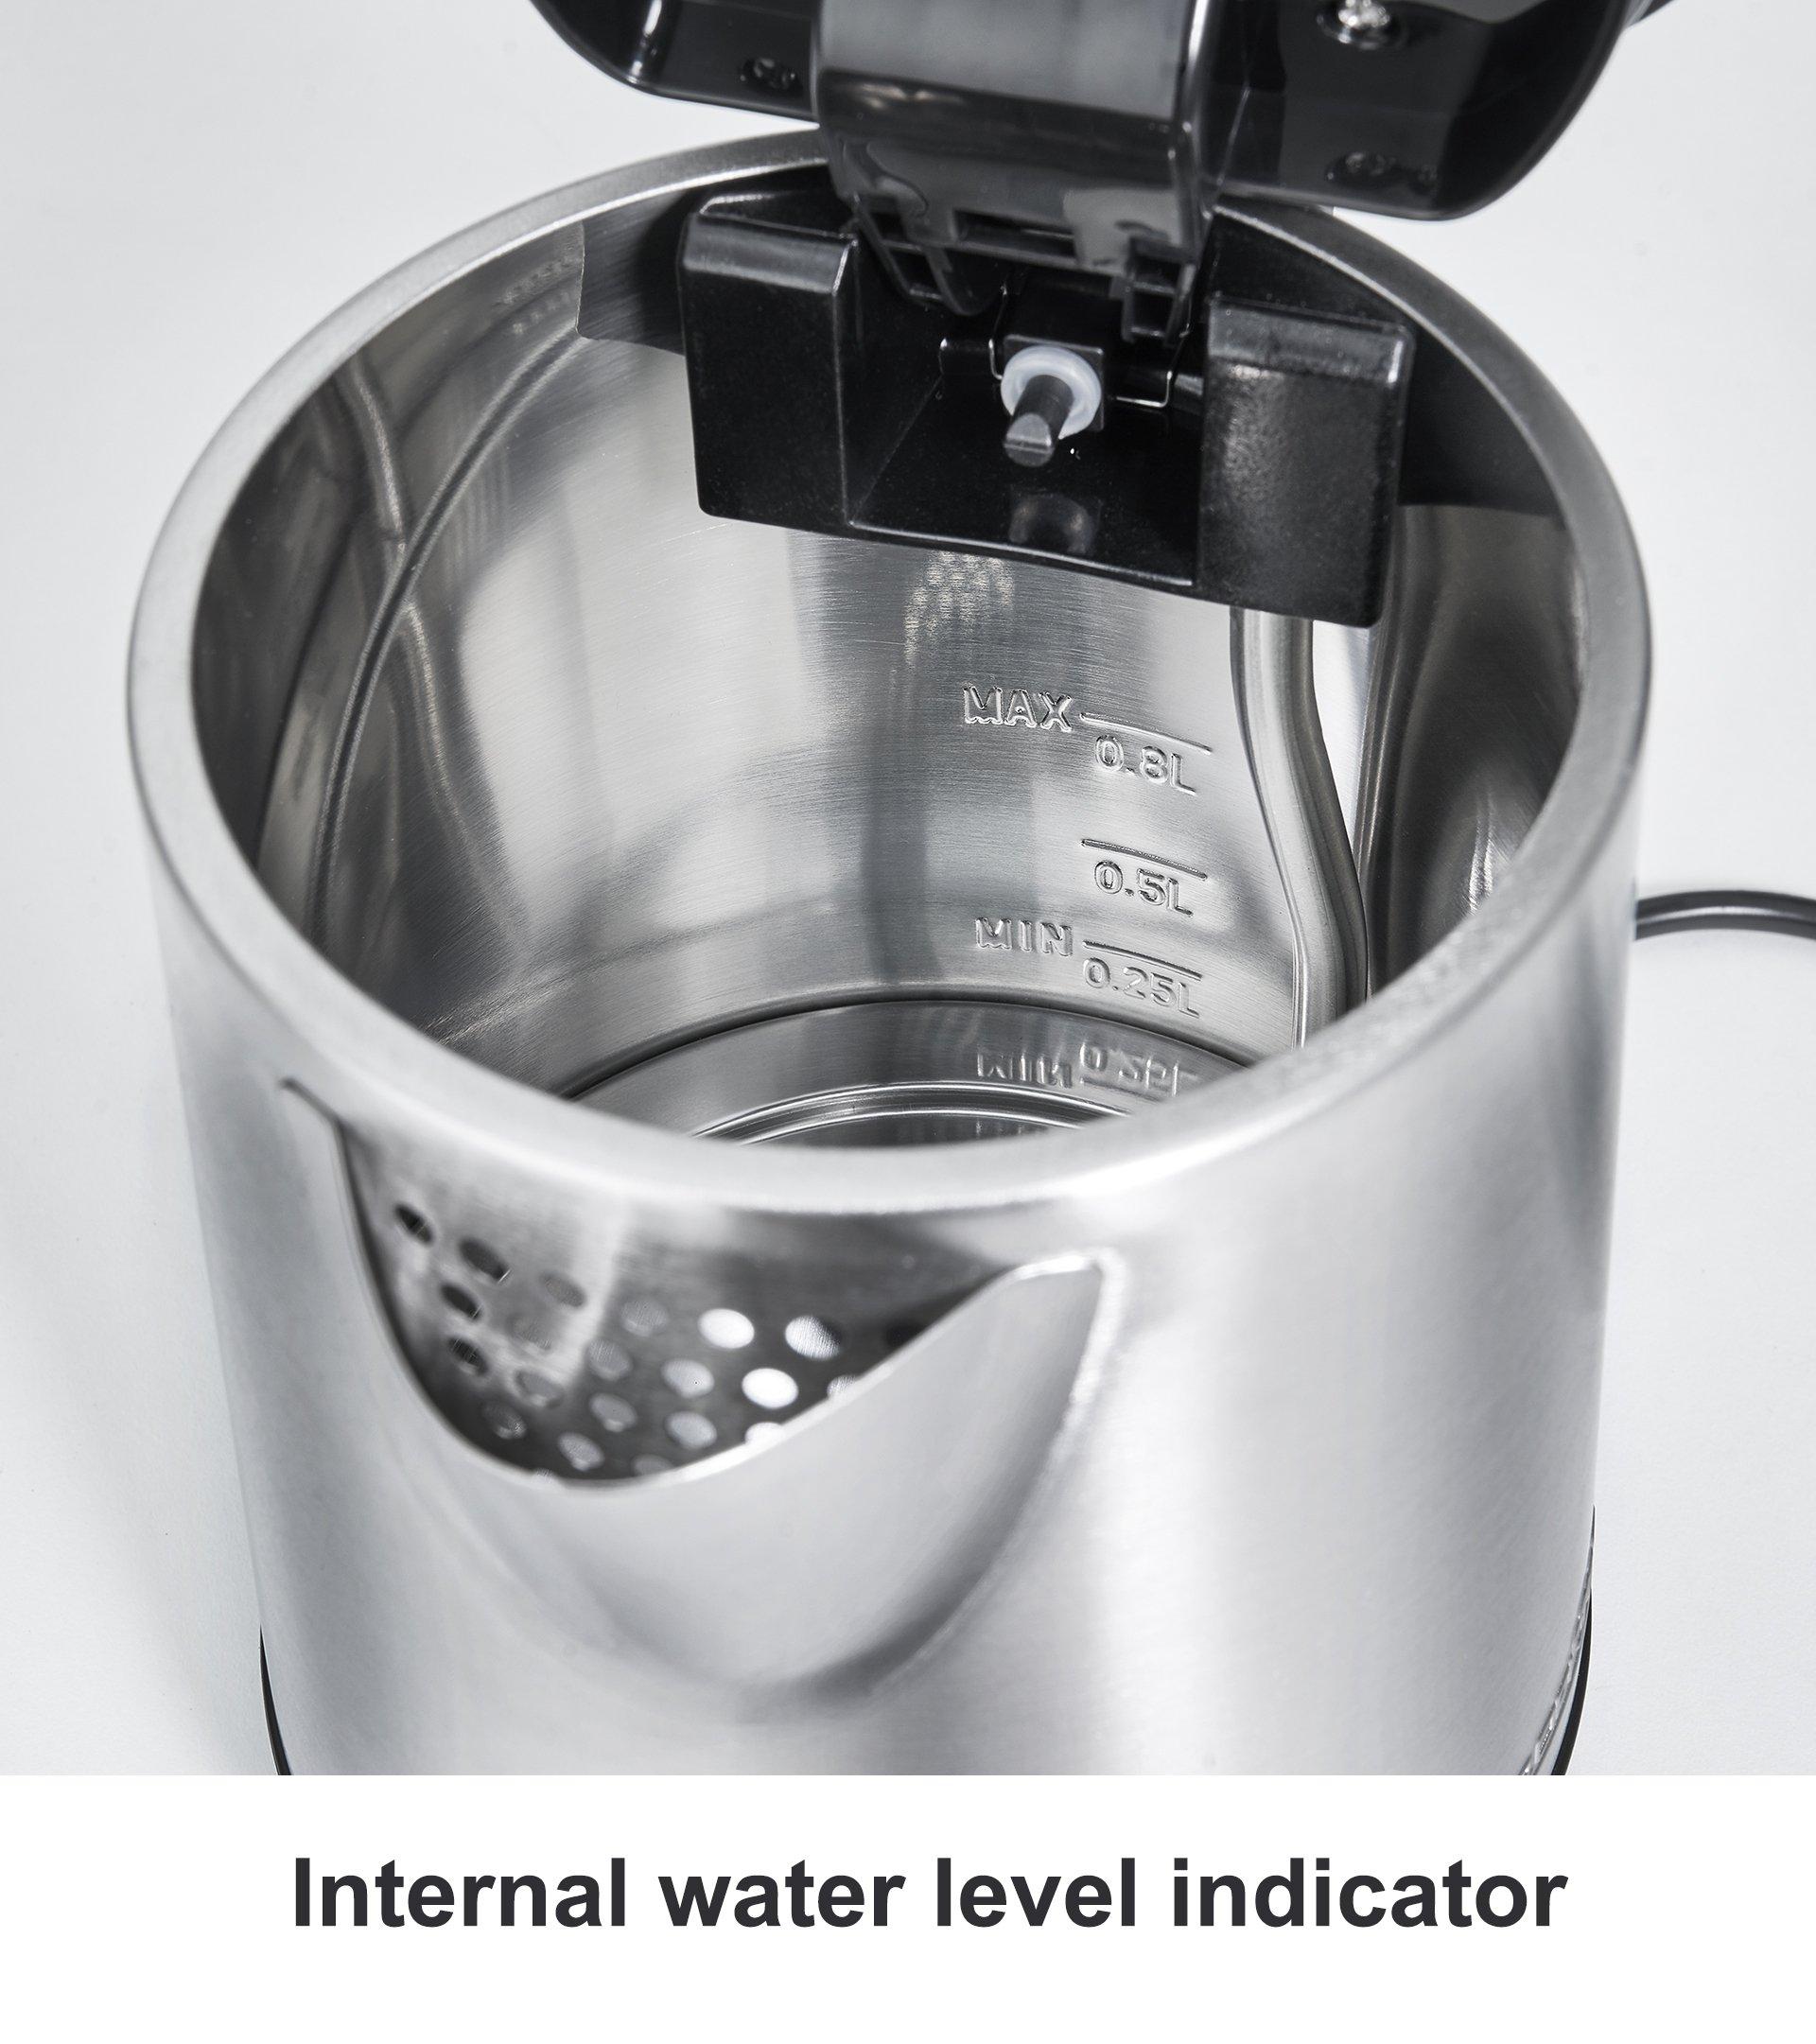 ProfiCook-PC-WKS-1123-Wasserkocher-08-L-Edelstahl-Wasserstandsanzeige